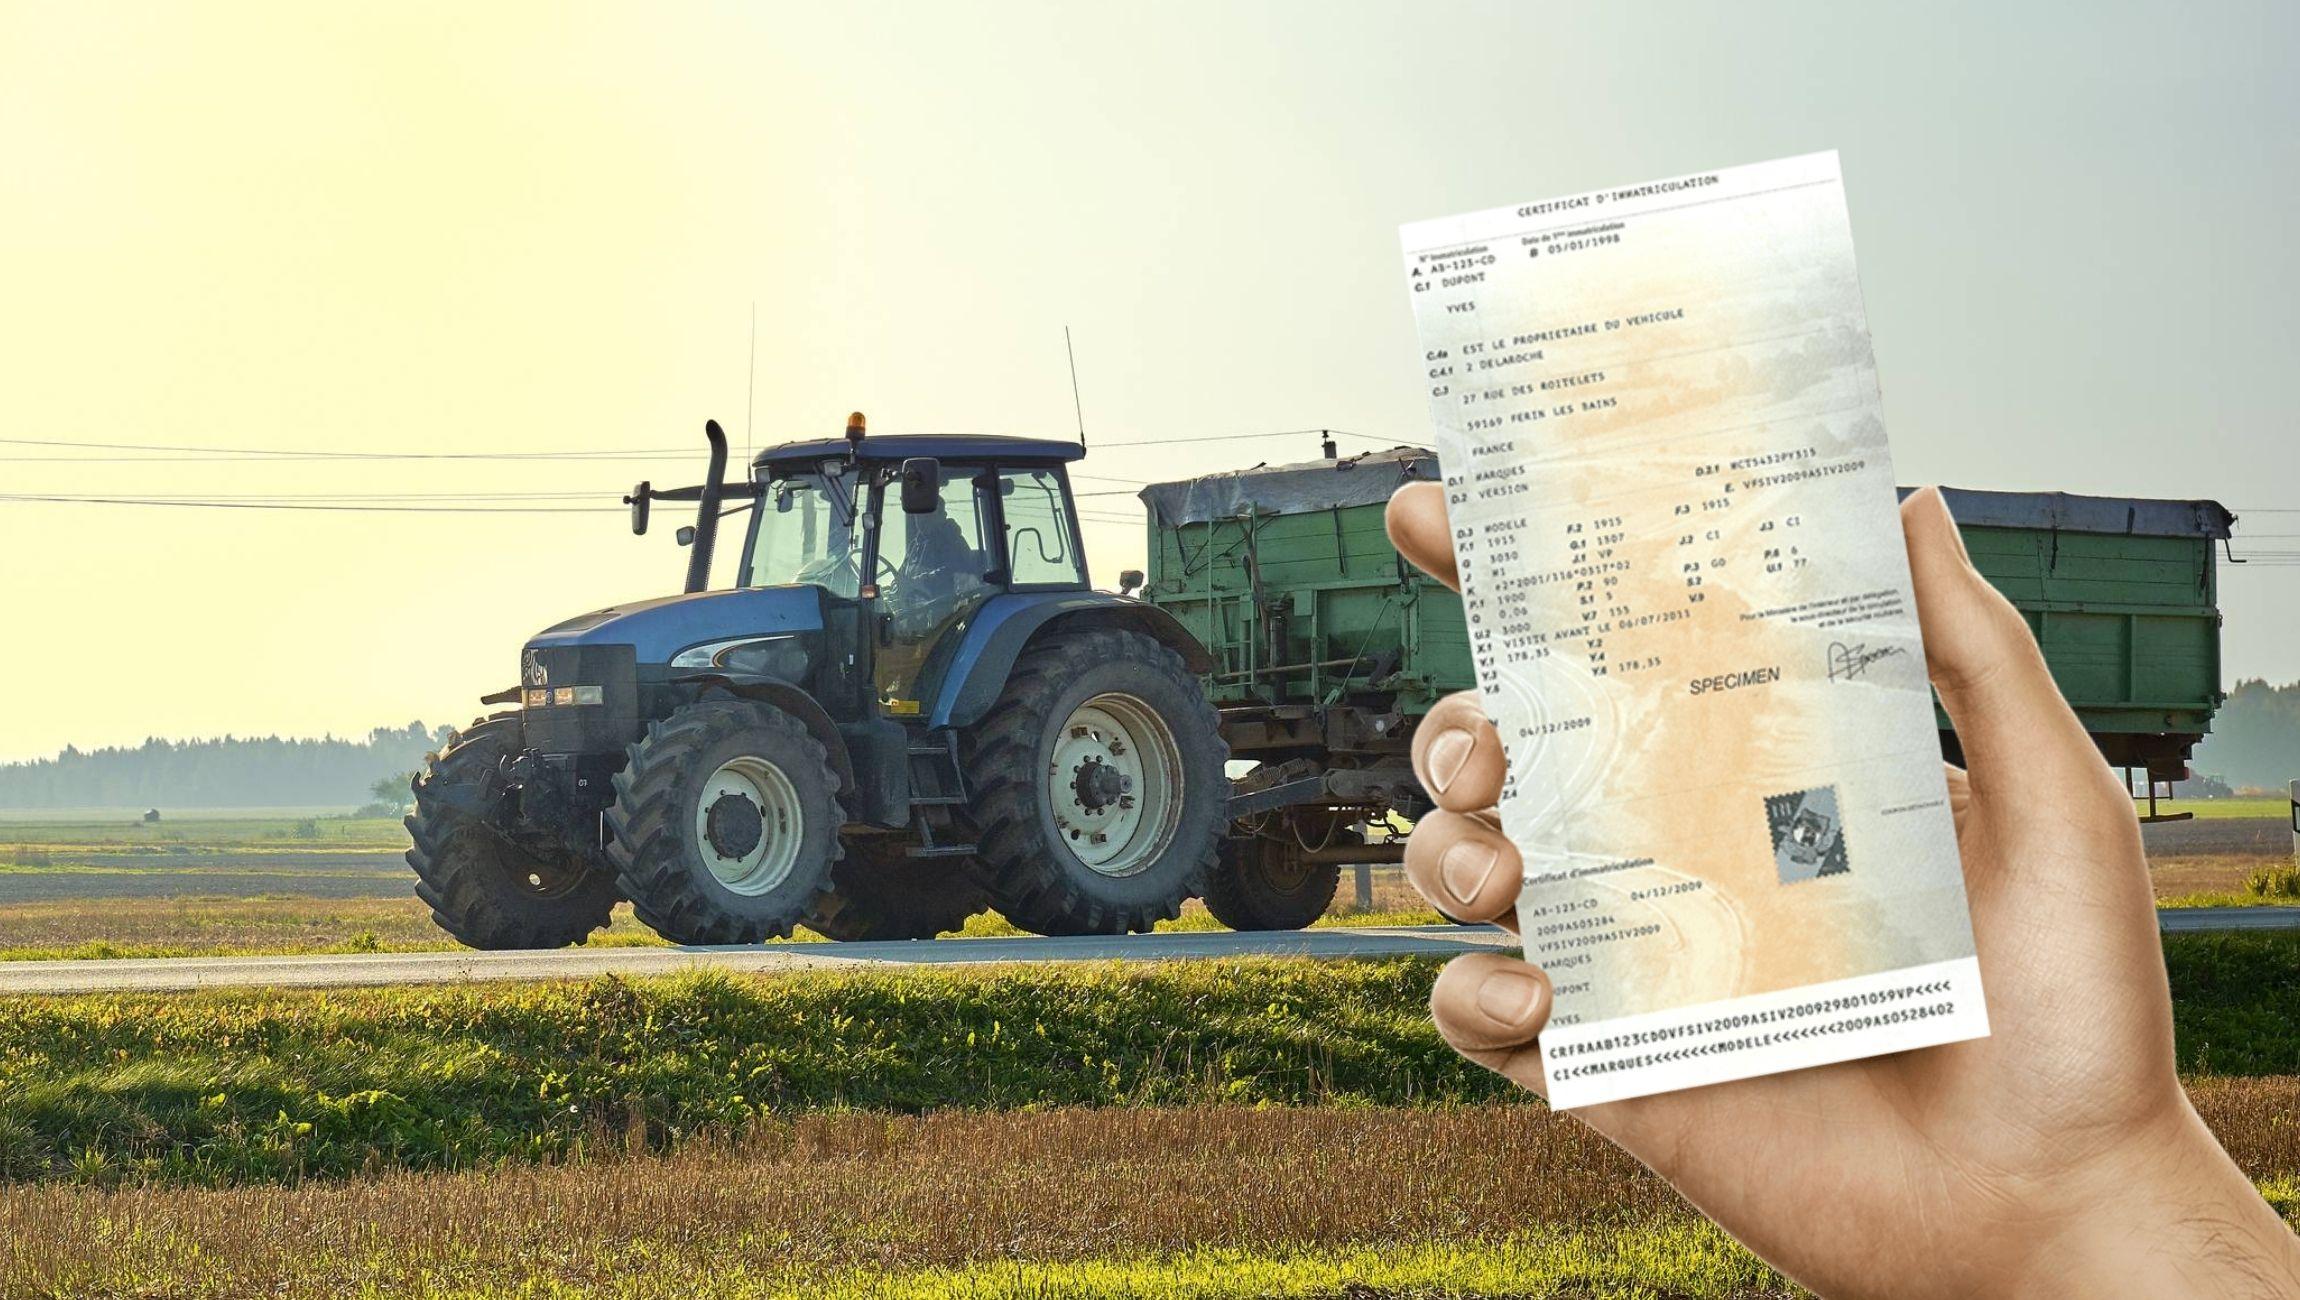 Perte carte grise tracteur : demande duplicata en ligne